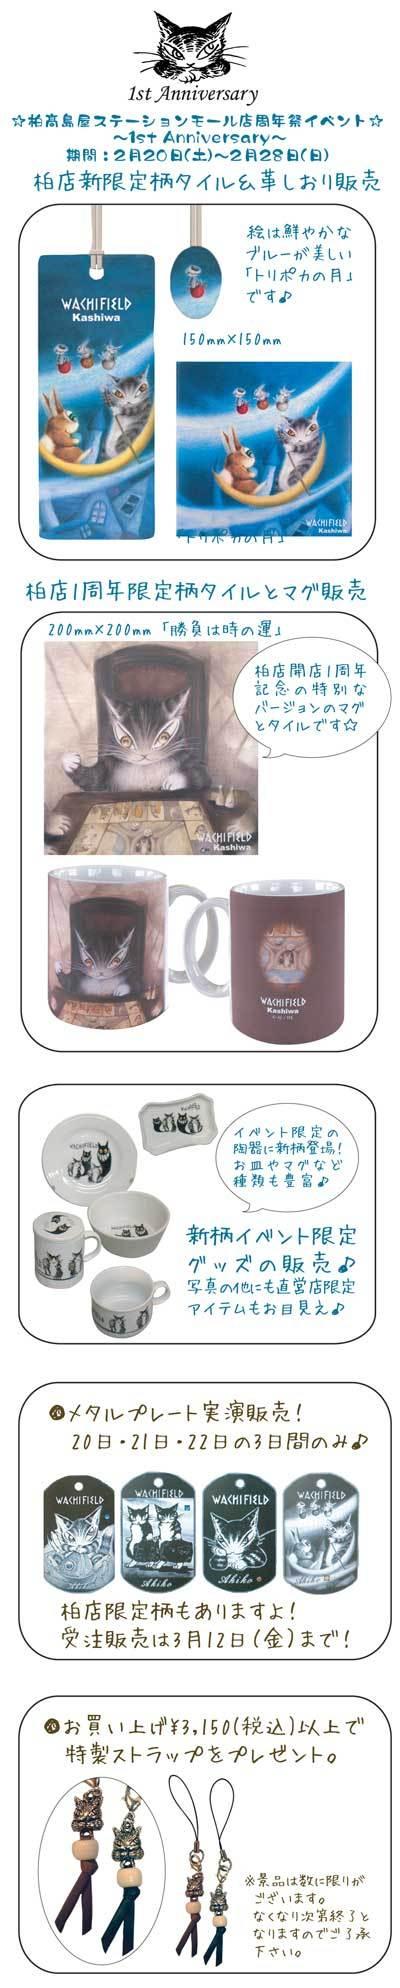 kashiwa.web.jpg